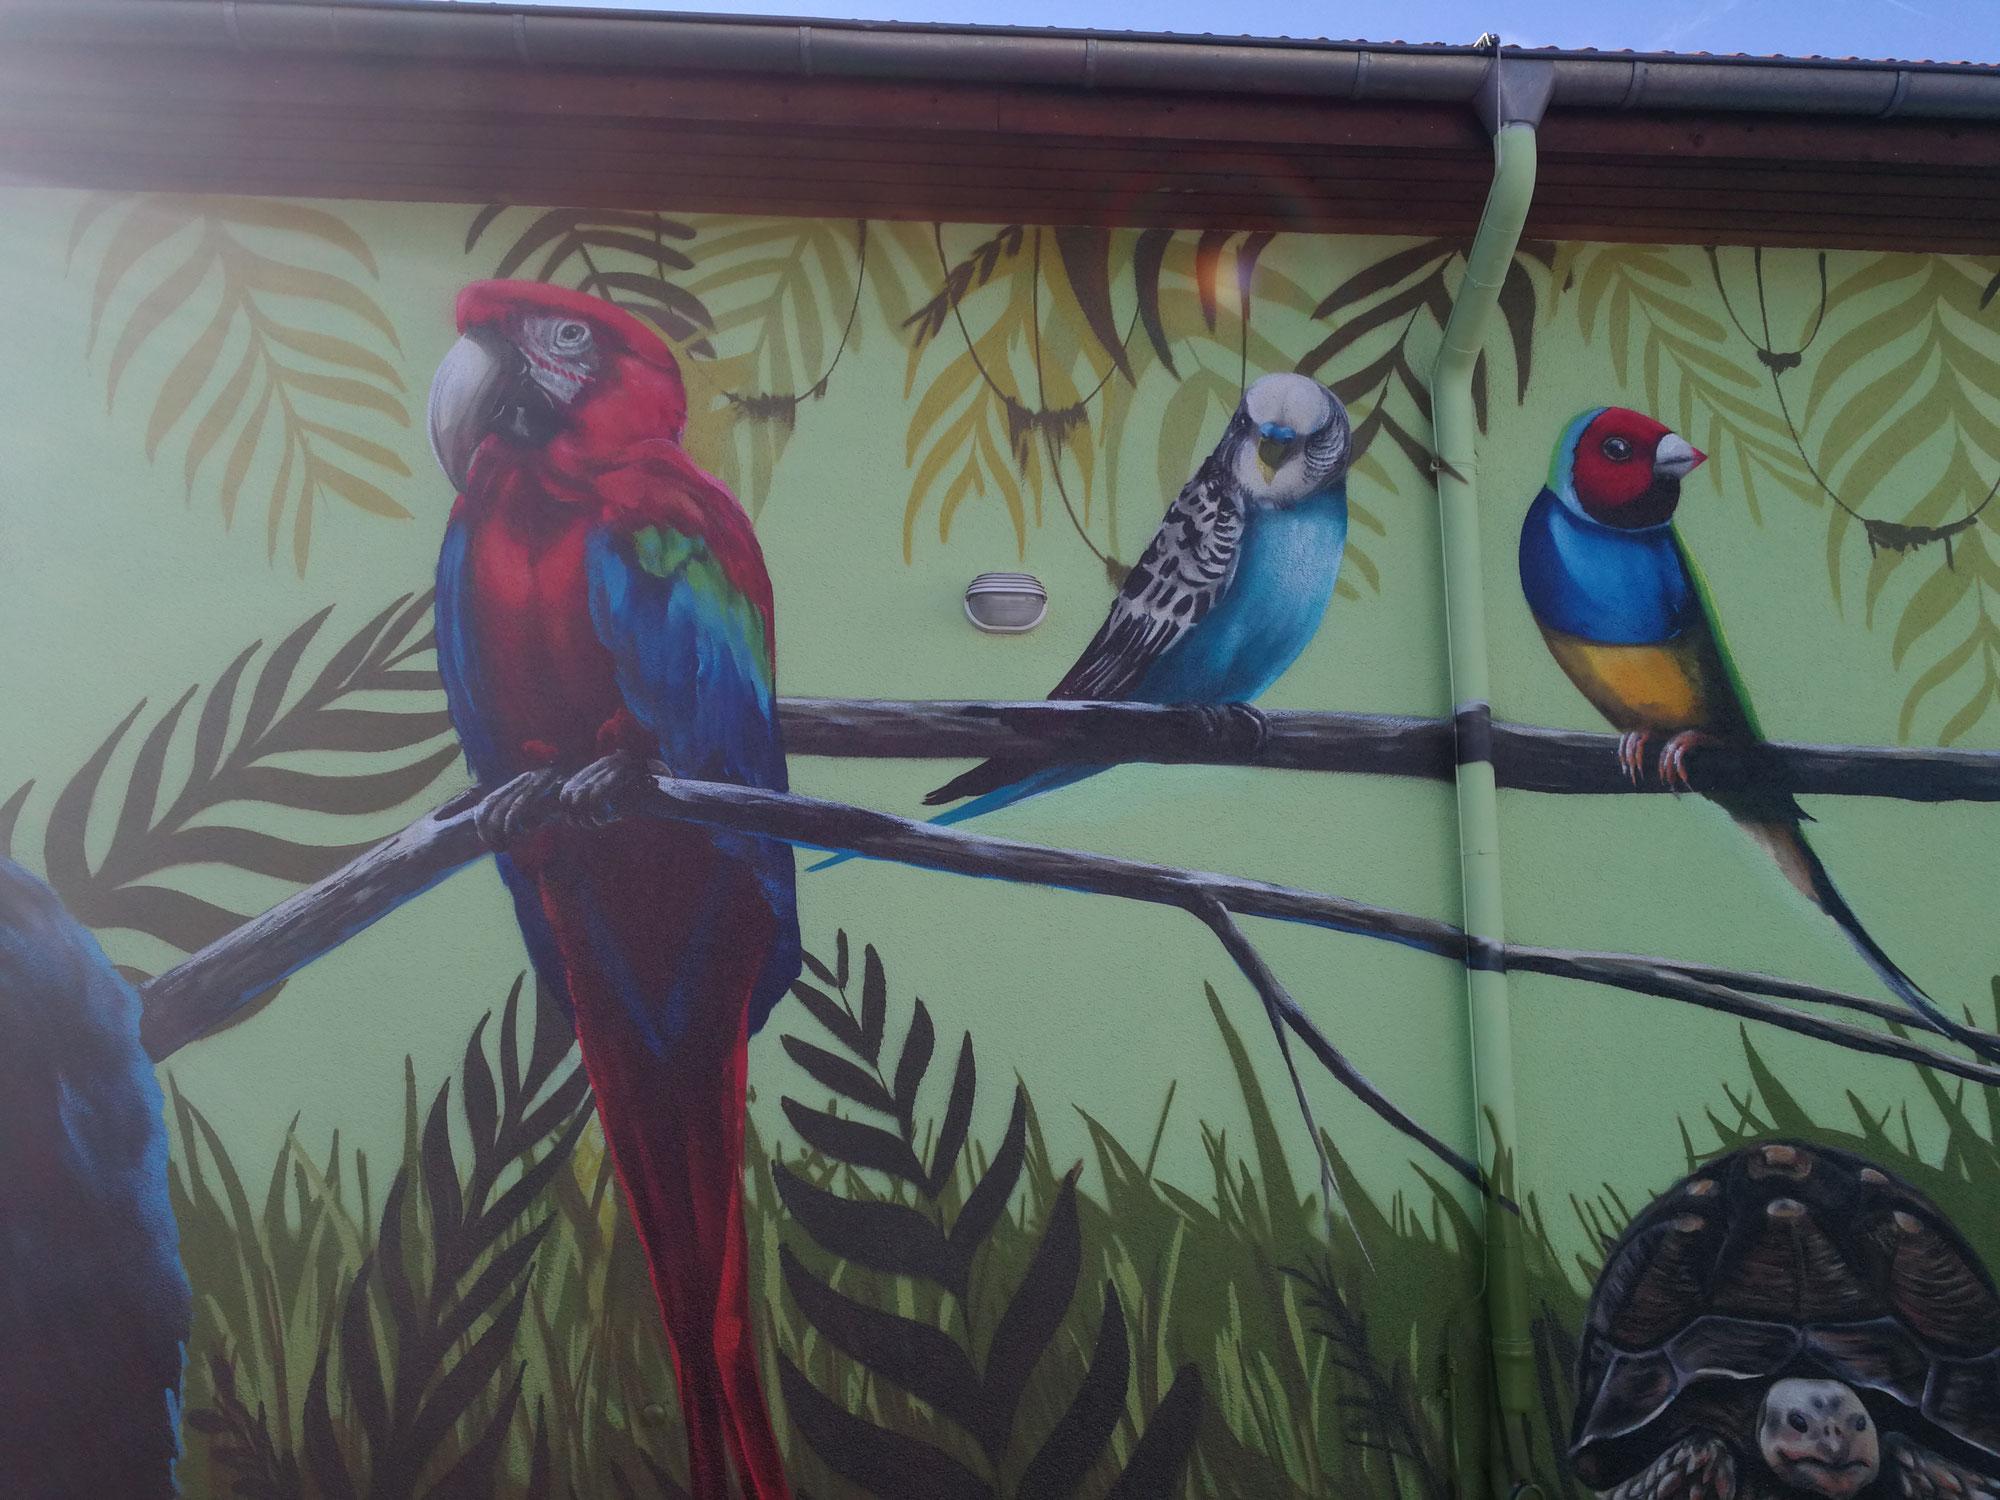 Tiermotive mit Graffiti-Dose gemalt vom Graffiti Künstler